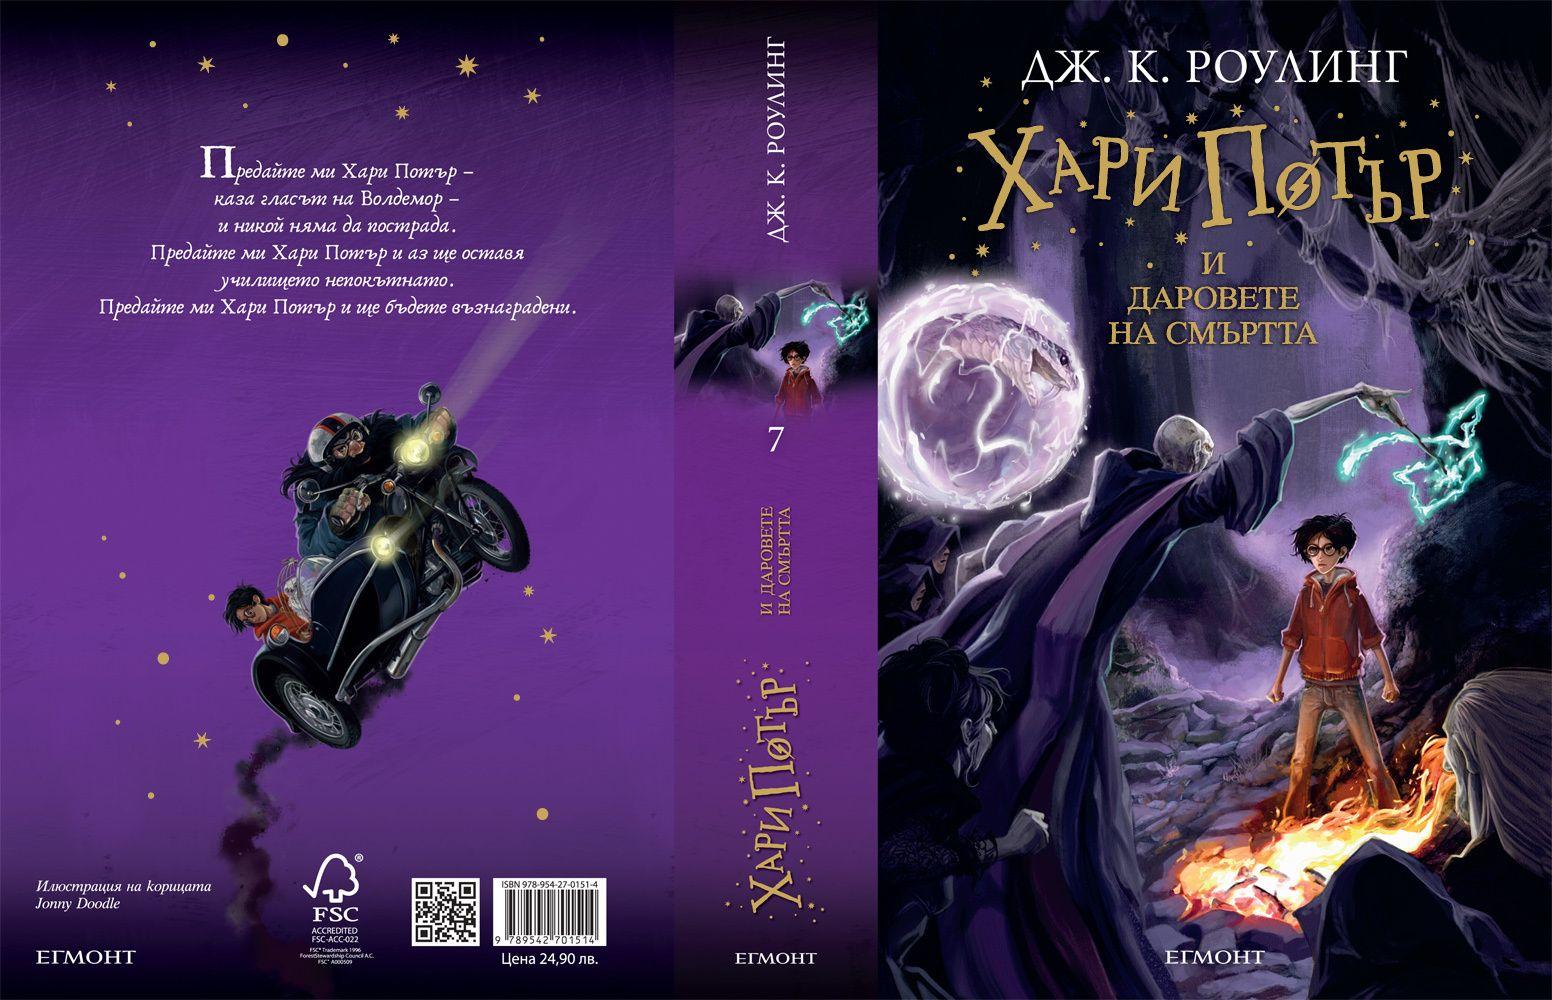 Хари Потър и Даровете на Смъртта - 3